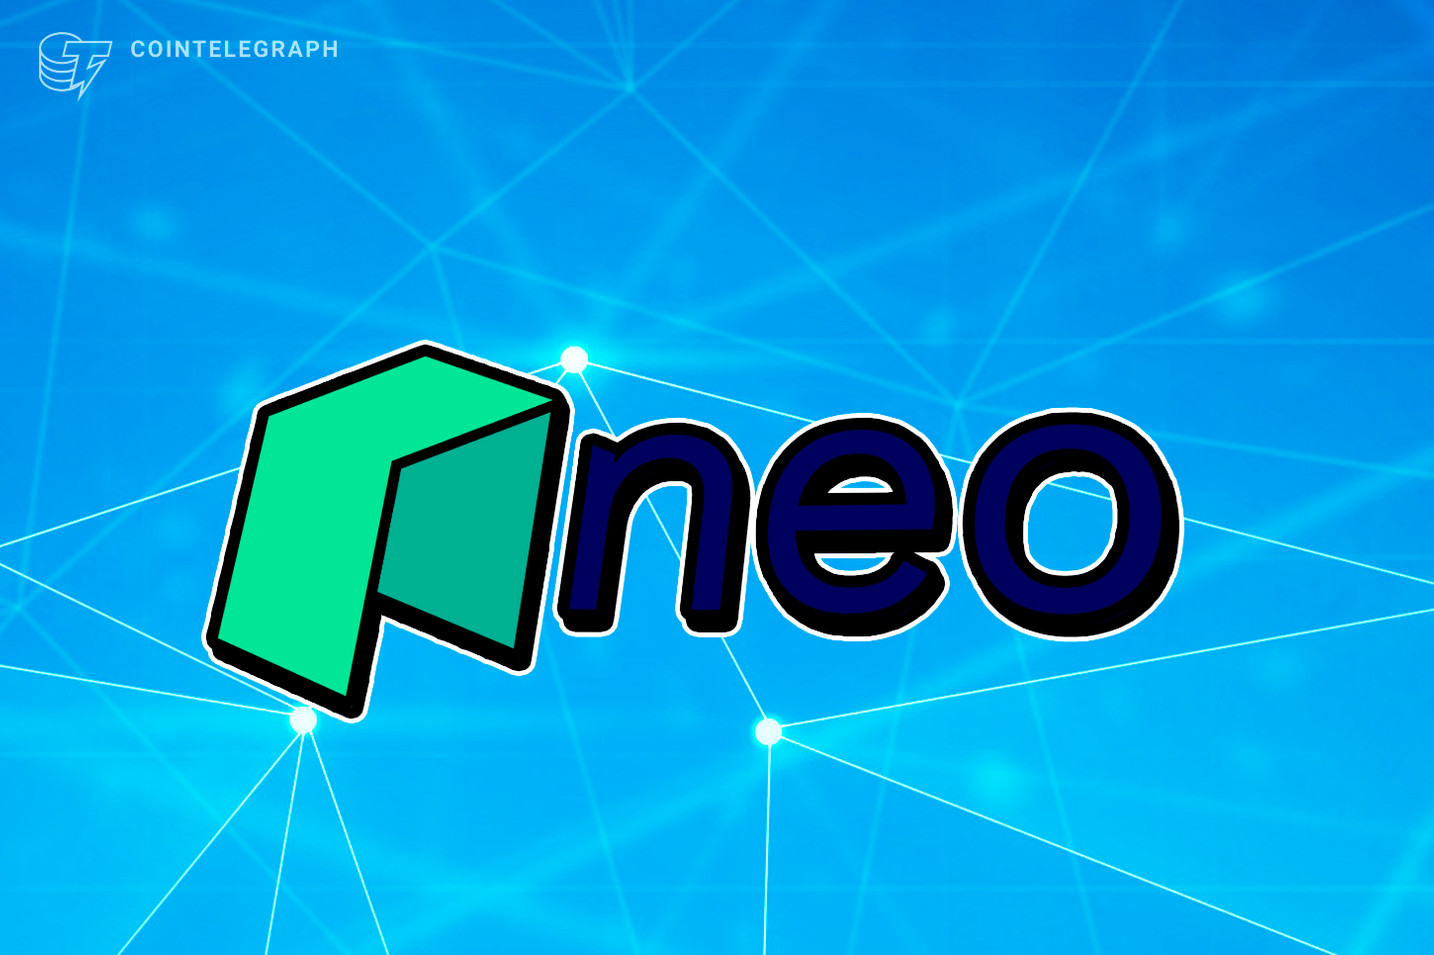 Neo Council recruitment commences as Neo embraces decentralization